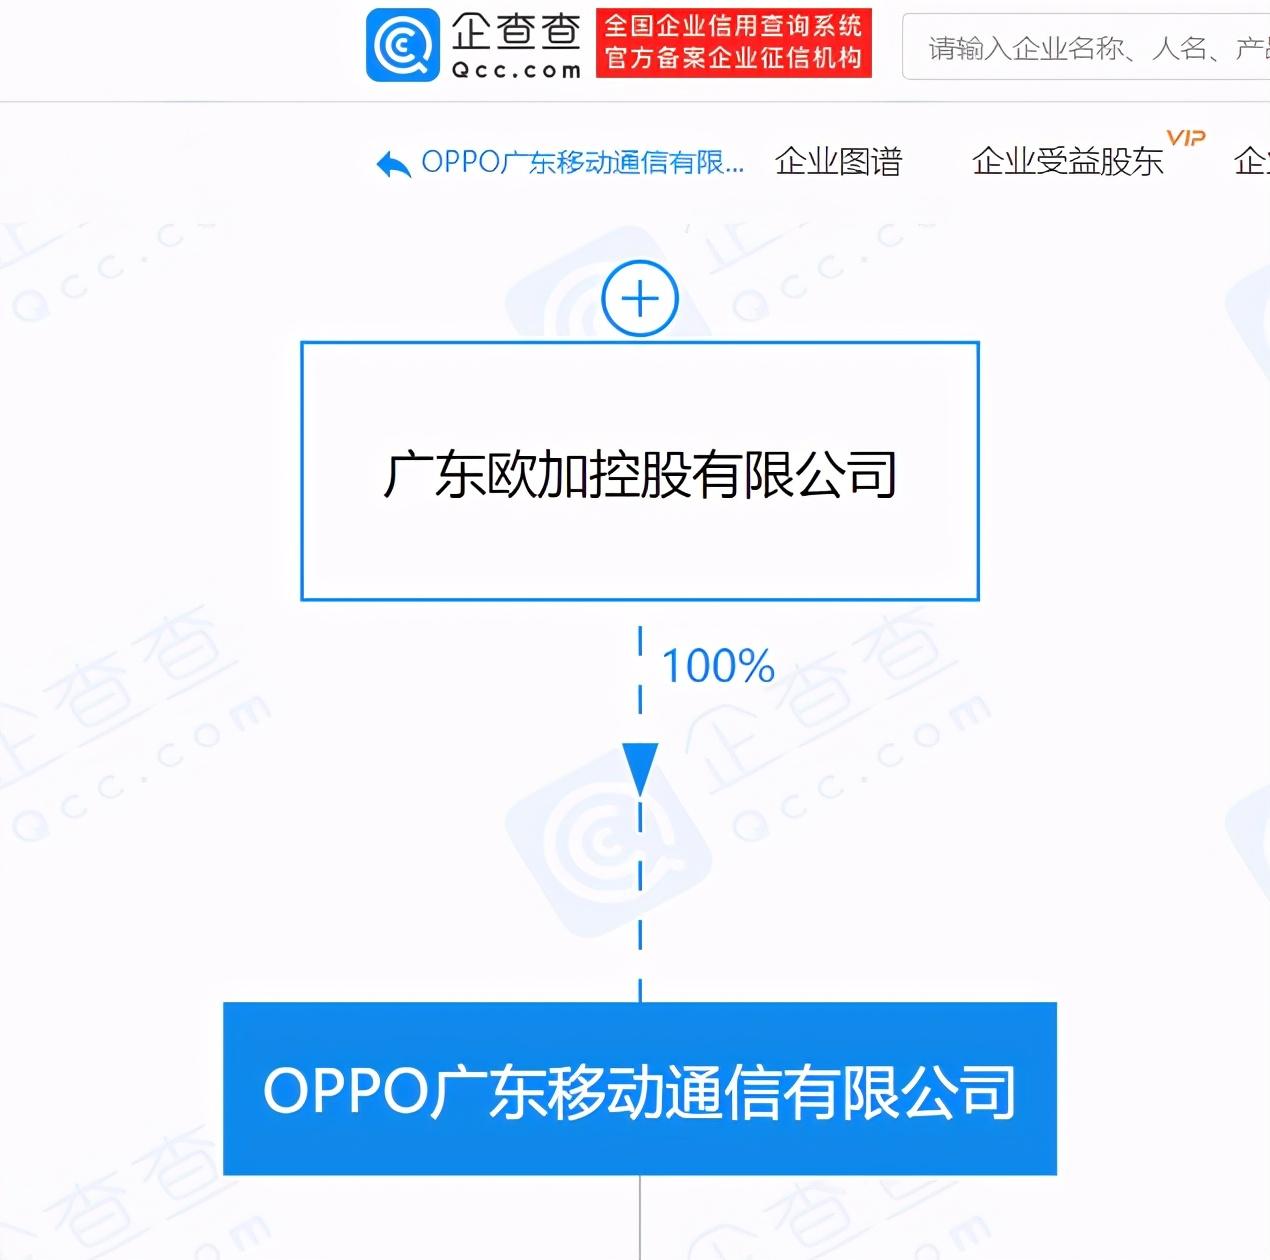 金乐亲退出OPPO关联企业法定代表人,刘波接任 金乐亲